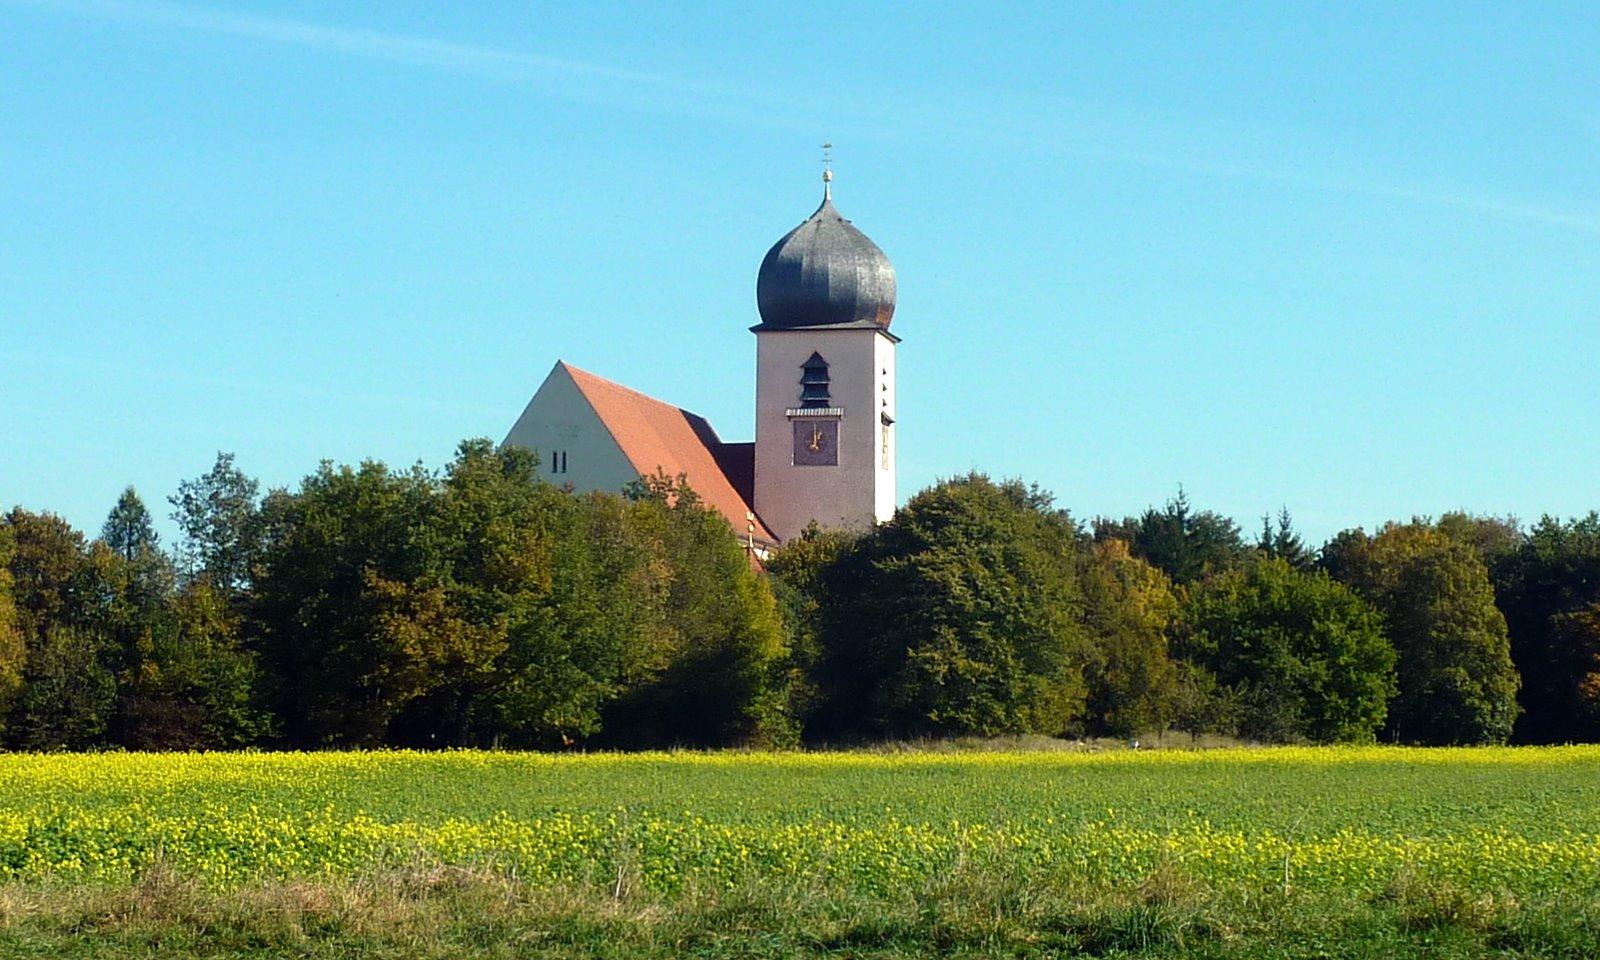 Excursions munich glise leiden christi obermenzing tourisme baviere - Office de tourisme munich ...